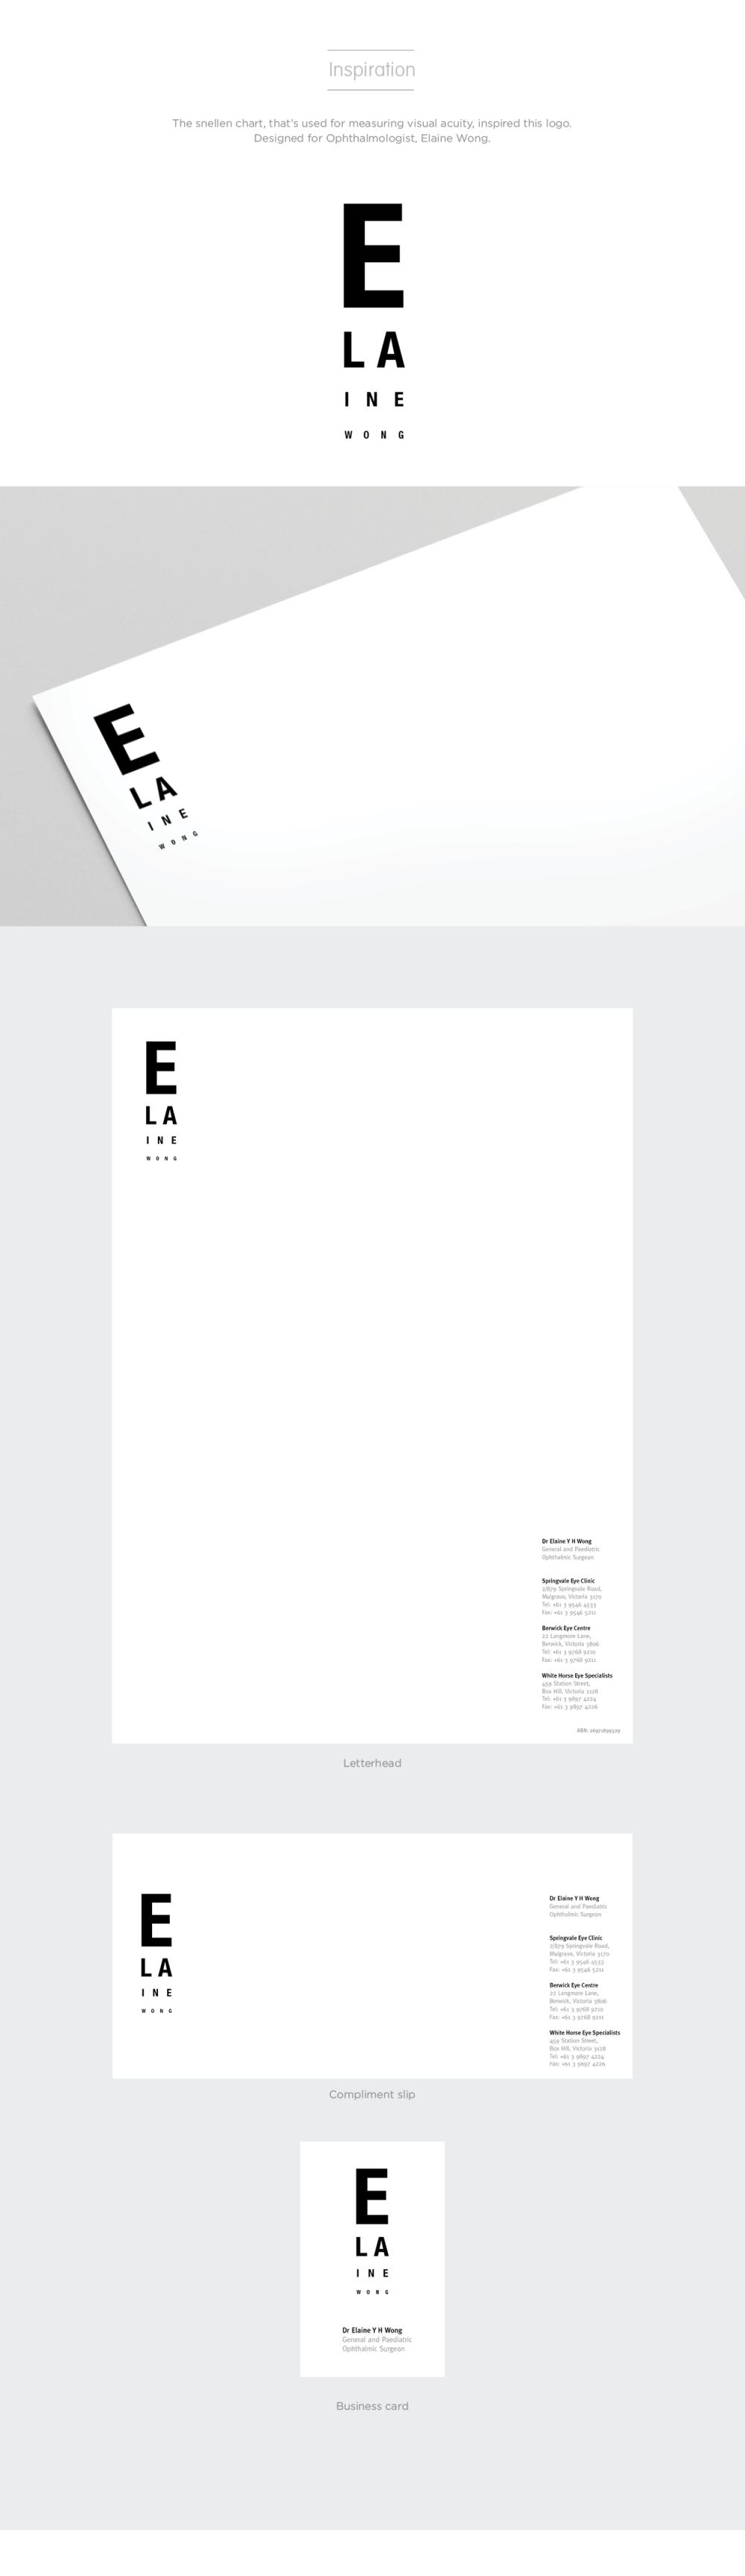 elaine-wong-snellen-chart